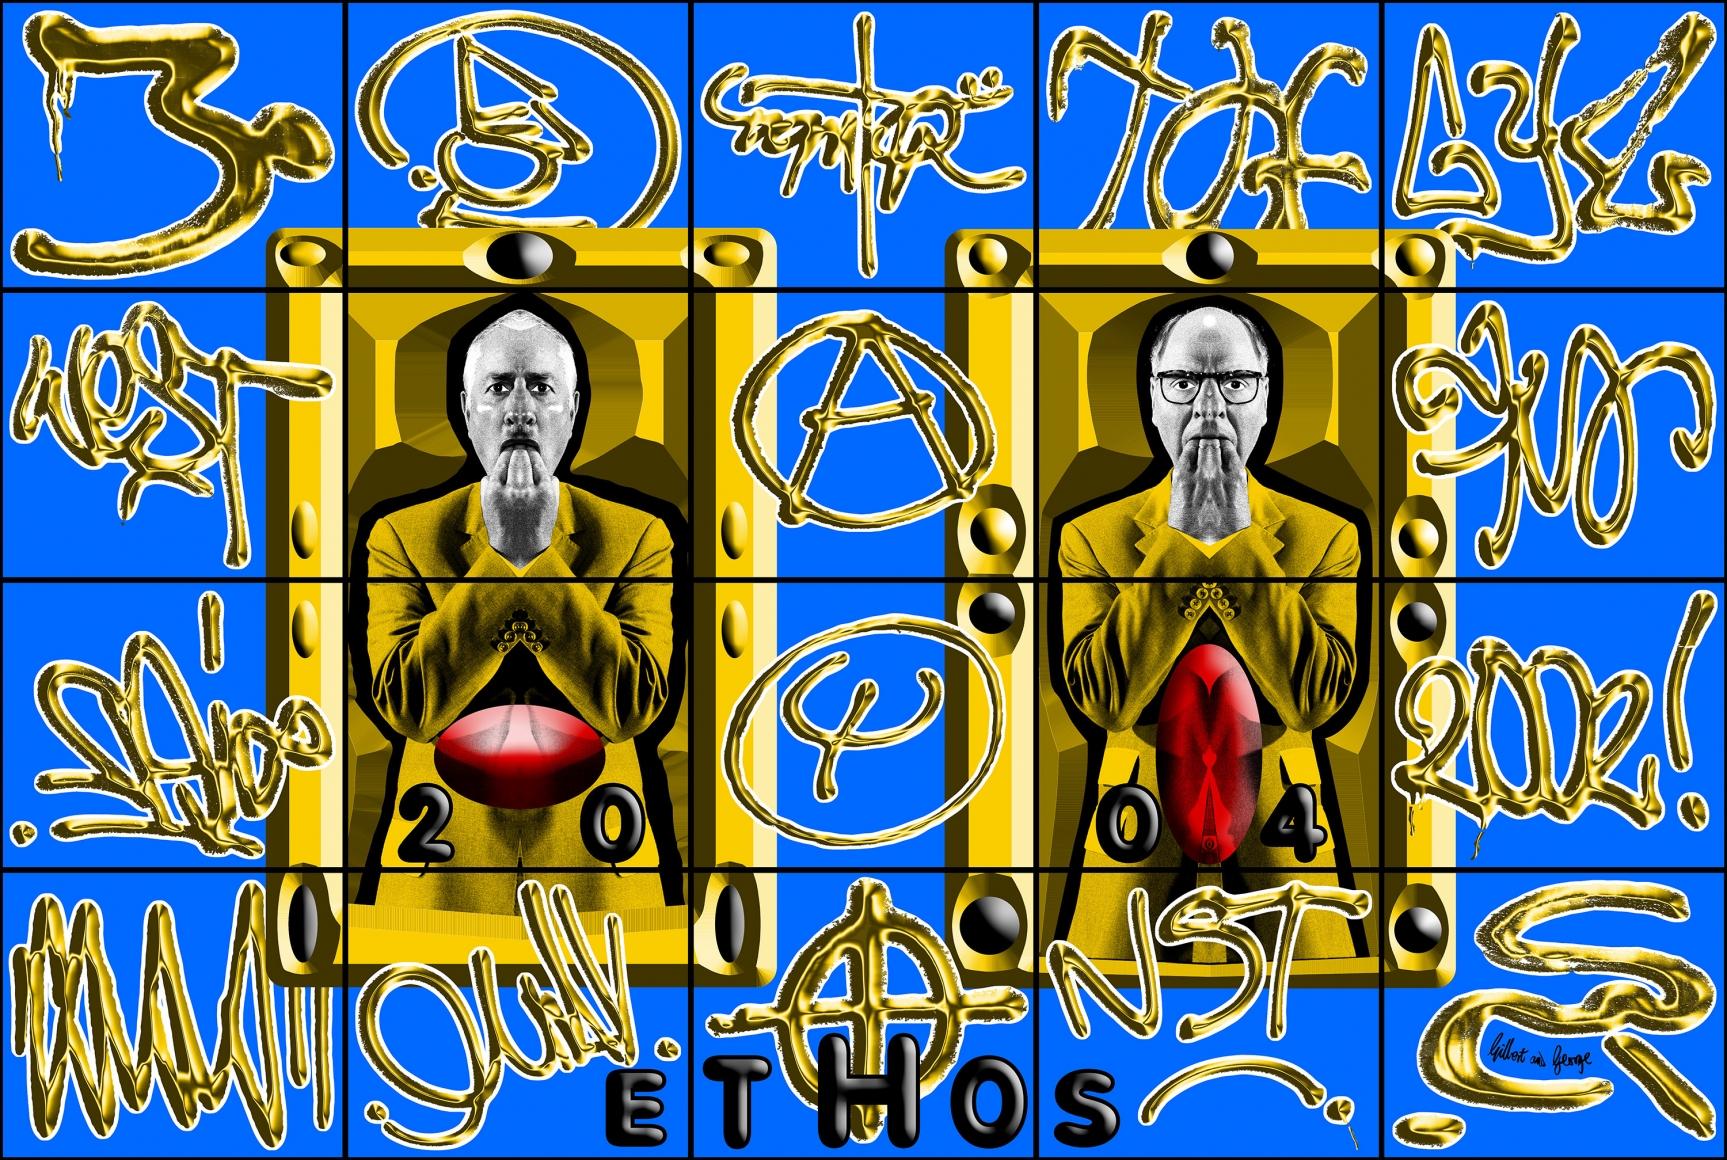 """æ¯""""利·æŸ¥çˆ¾è¿ªæ–¯ Ethos, 2004"""